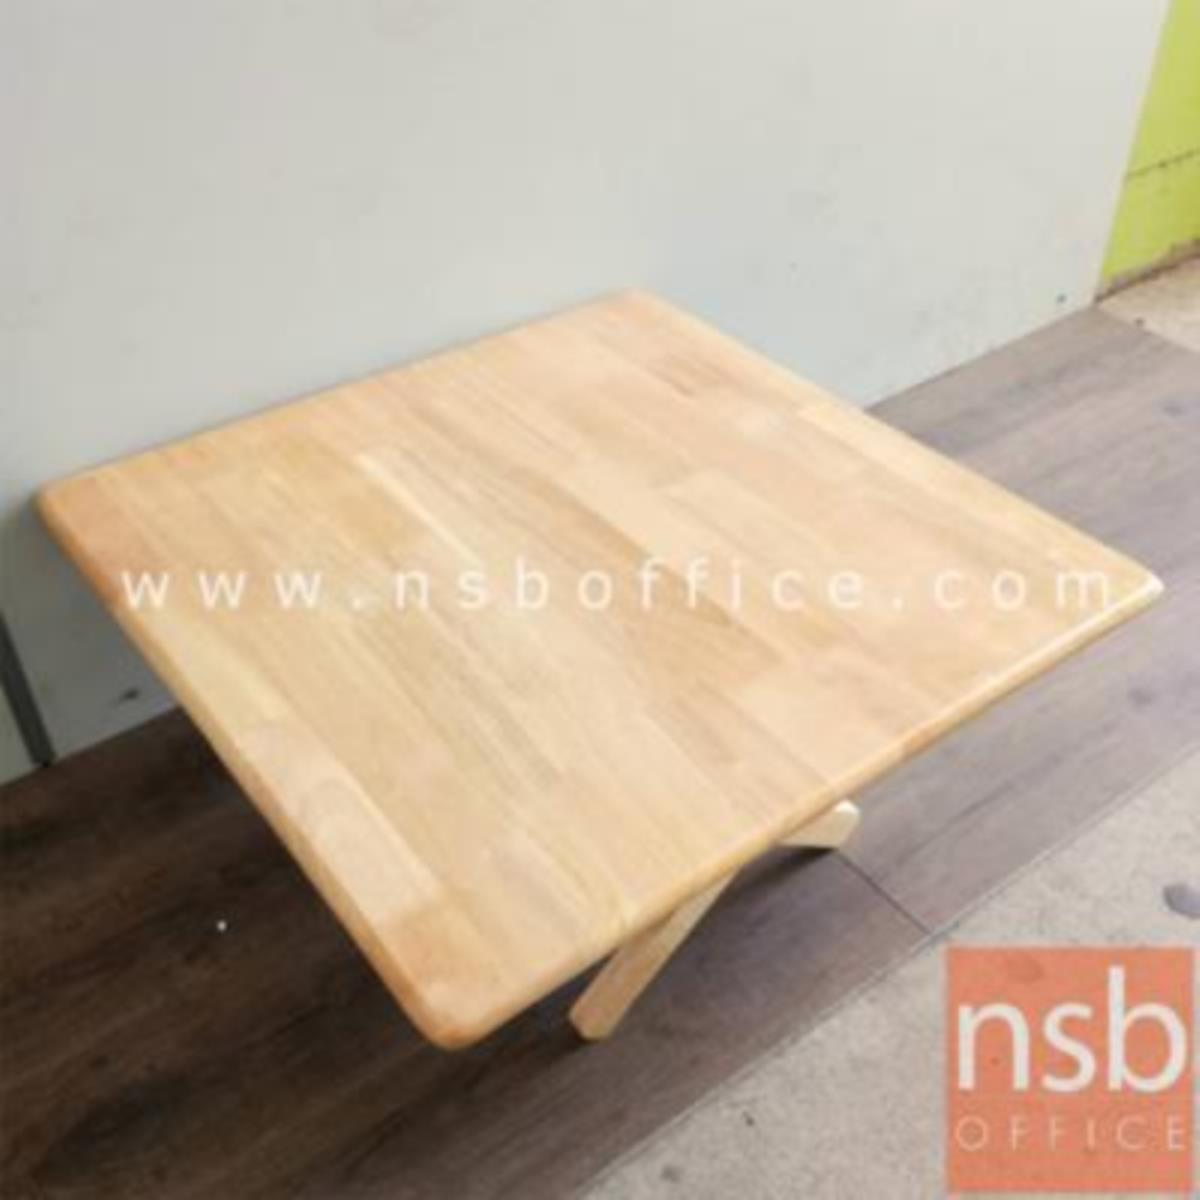 A14A193:โต๊ะพับหน้าไม้ยางพารา รุ่น Pansy (แพนซี) ขนาด 60W ,75W cm.  สีธรรมชาติ